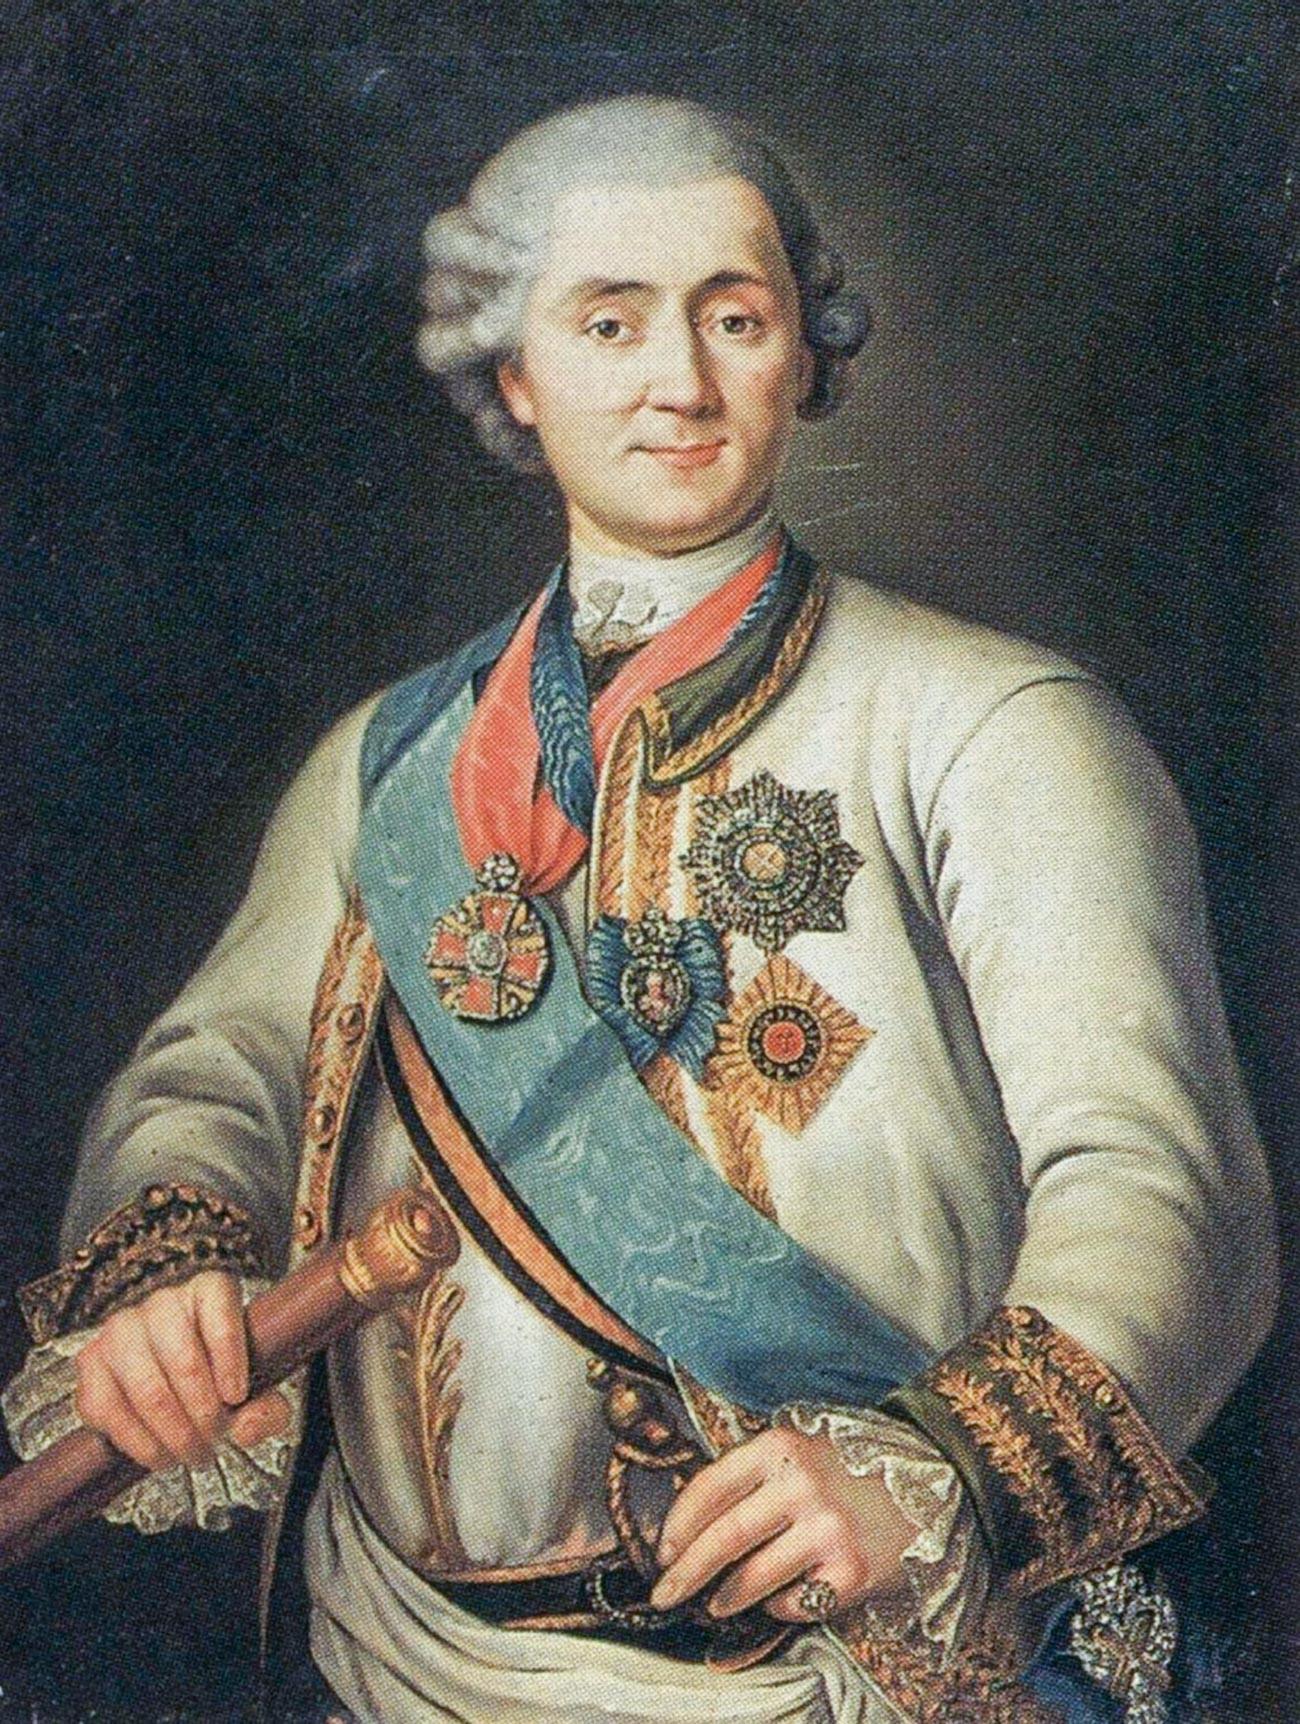 Portret grofa A. G. Orlova-Česmenskega